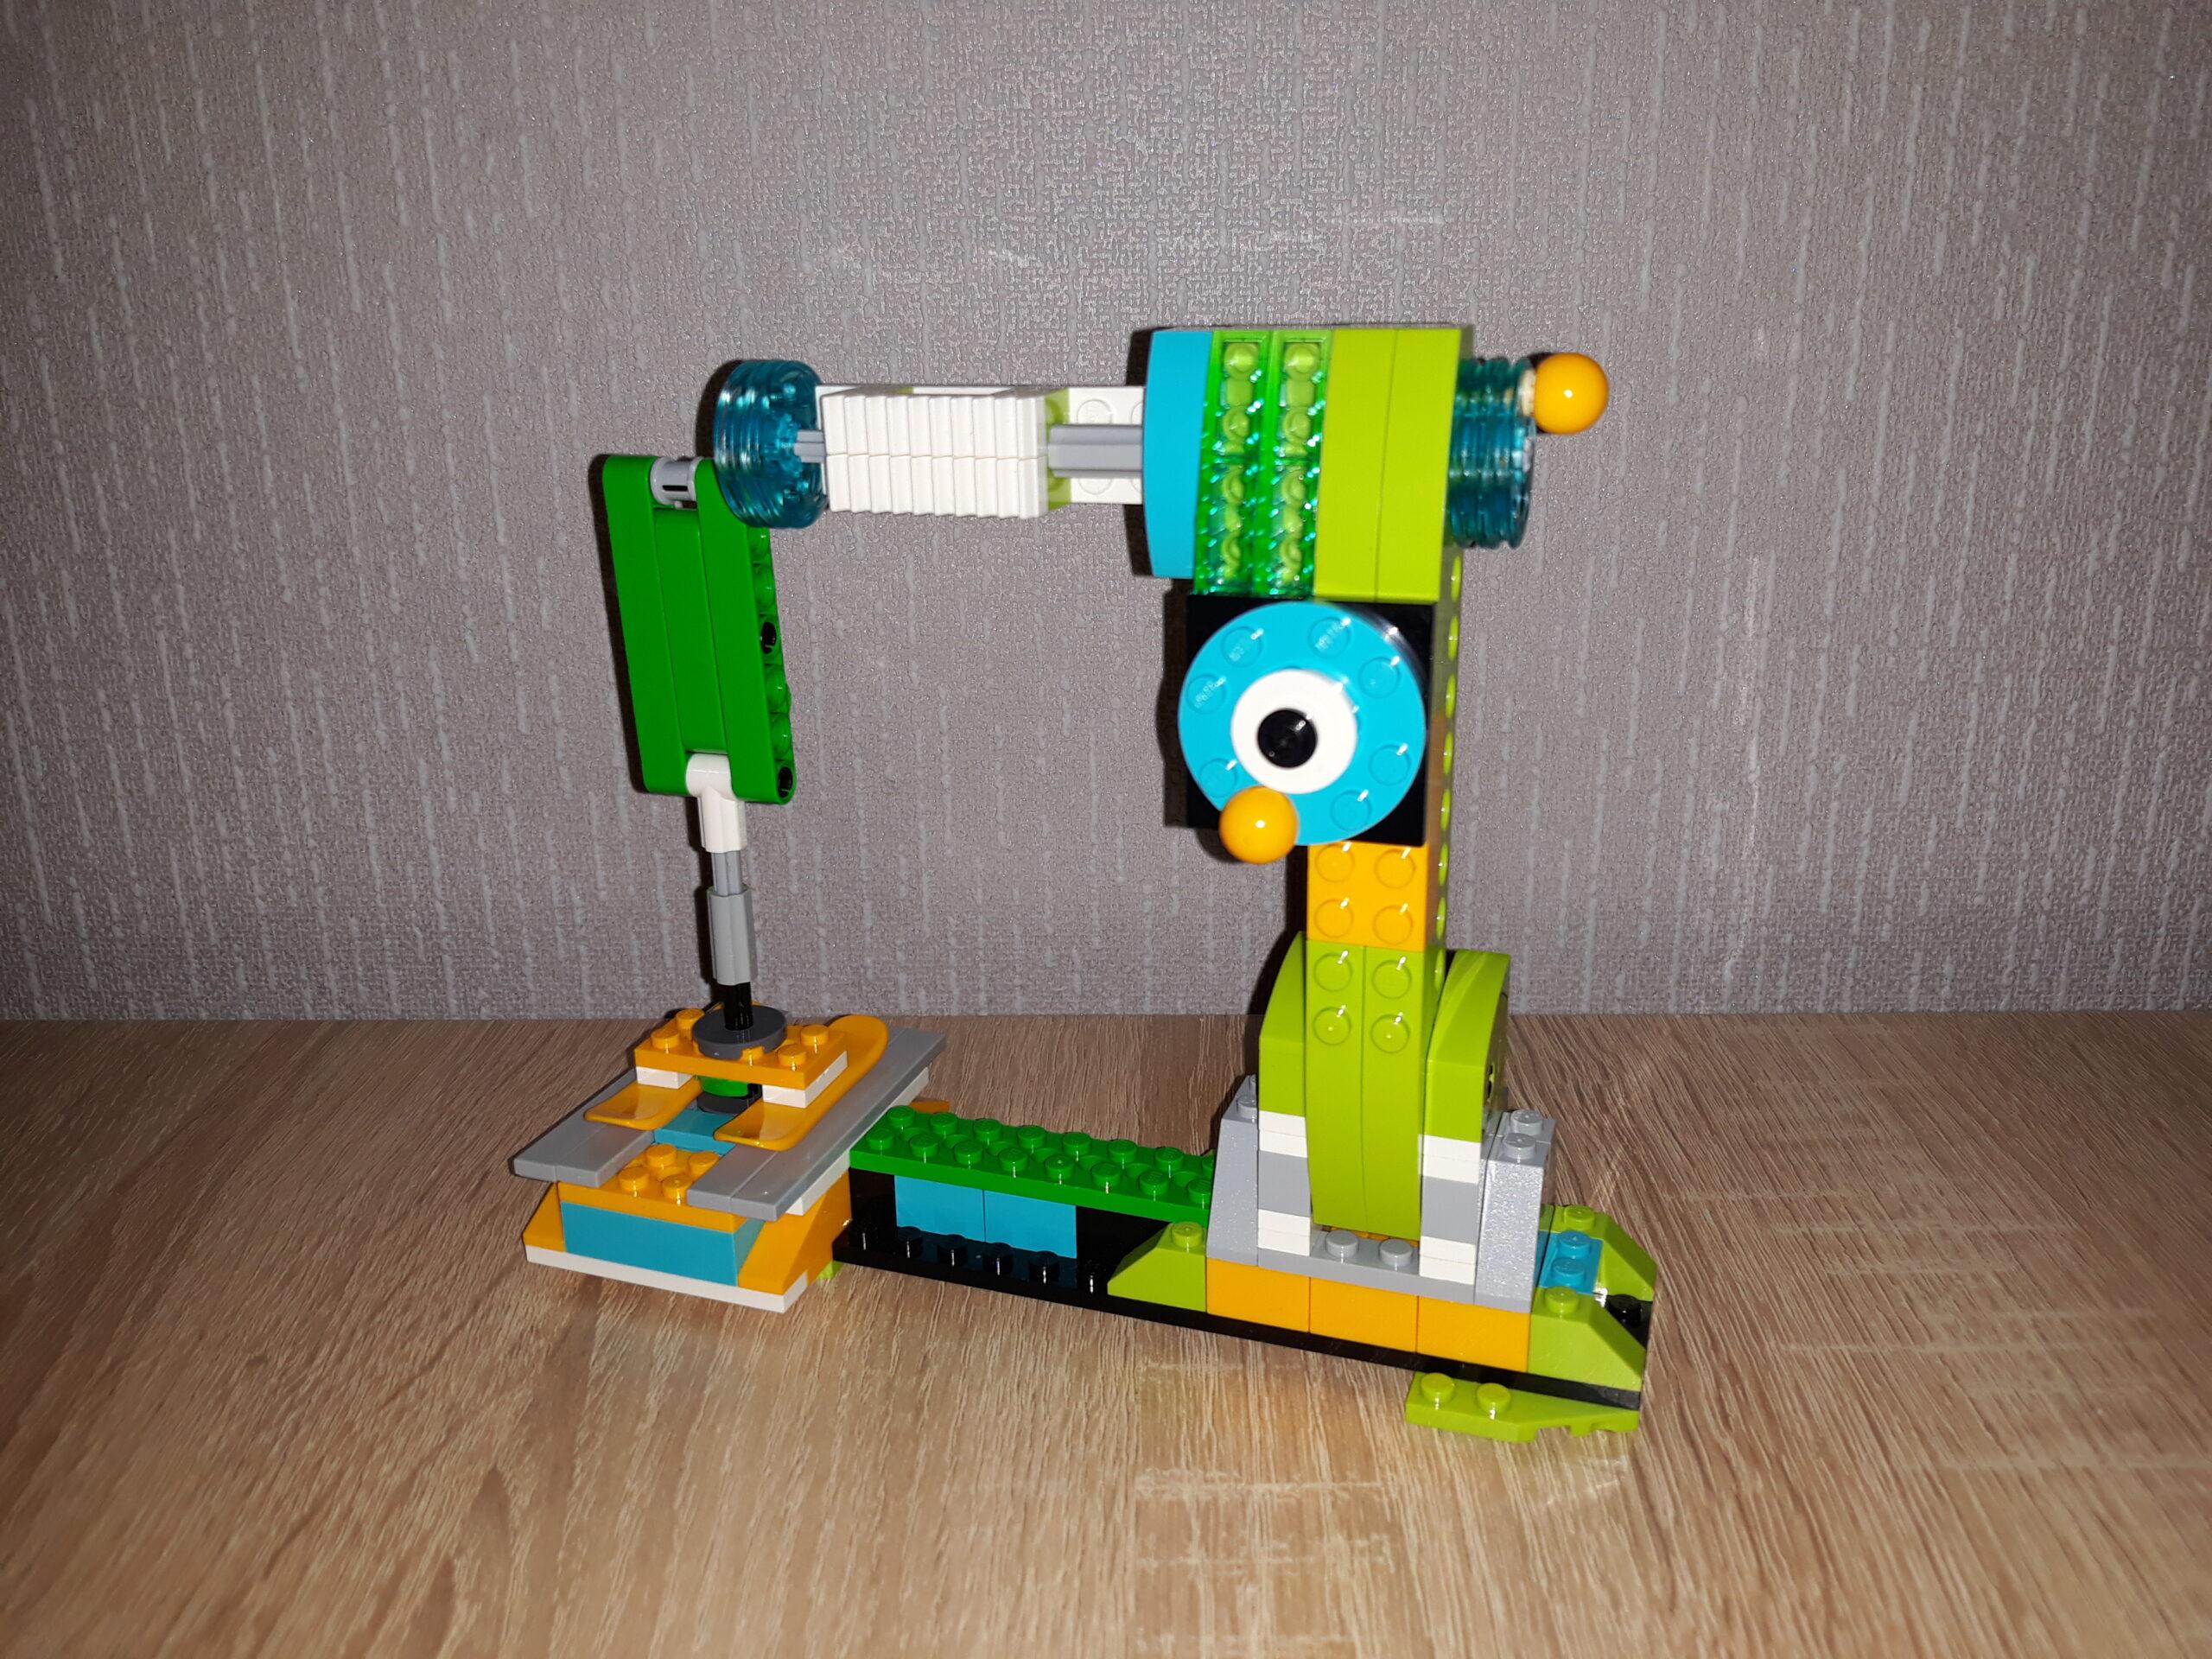 Инструкция по сборке из набора LEGO Education WeDo 2.0 Швейная машинка